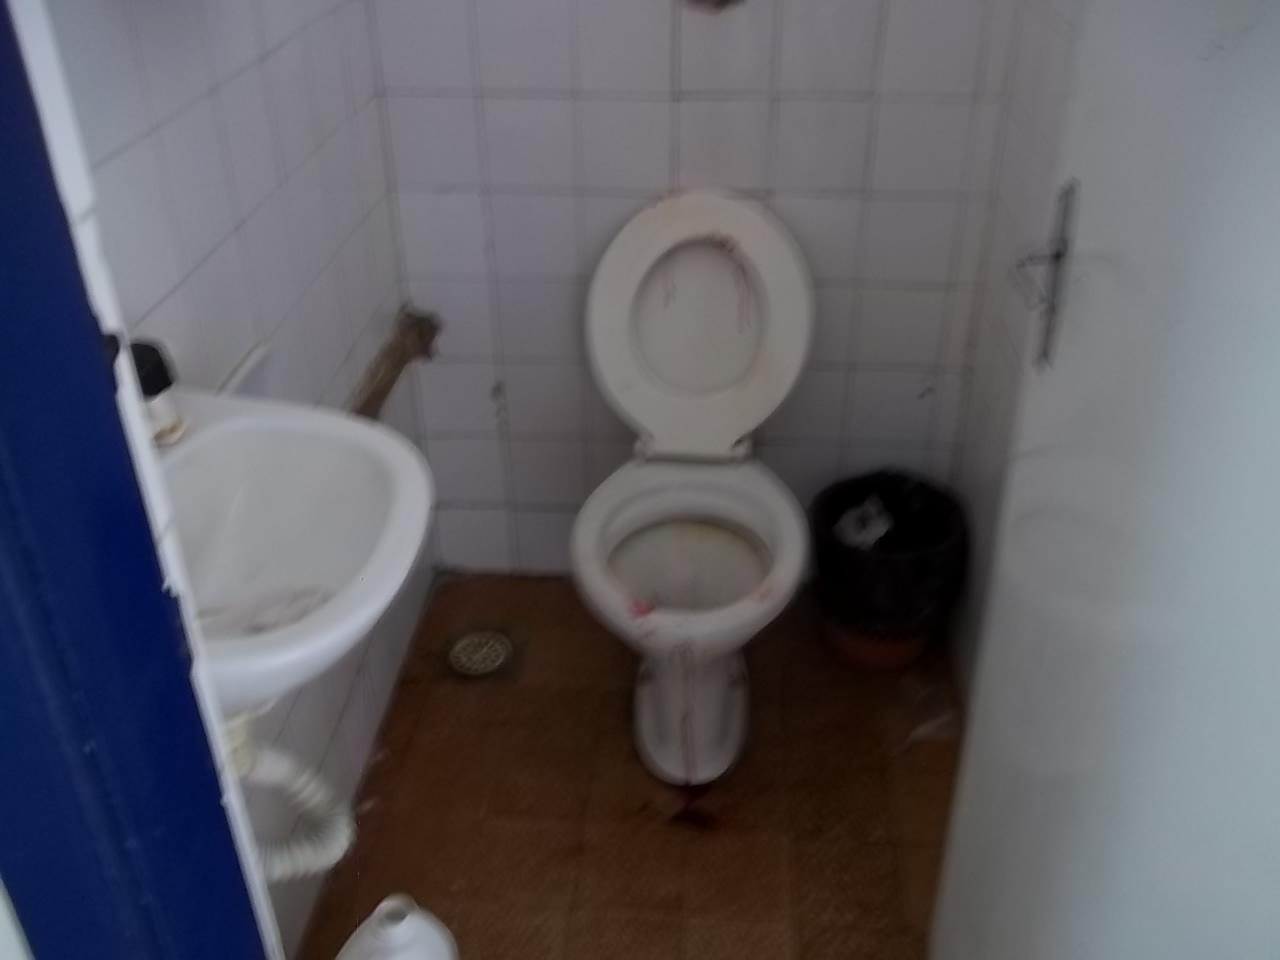 GALERIA DE FOTOS DO PESQUEIRA EM FOCO: FOTOS TIRADAS NO INTERIOR DO  #333D5B 1280x960 Atenção Banheiro Interditado